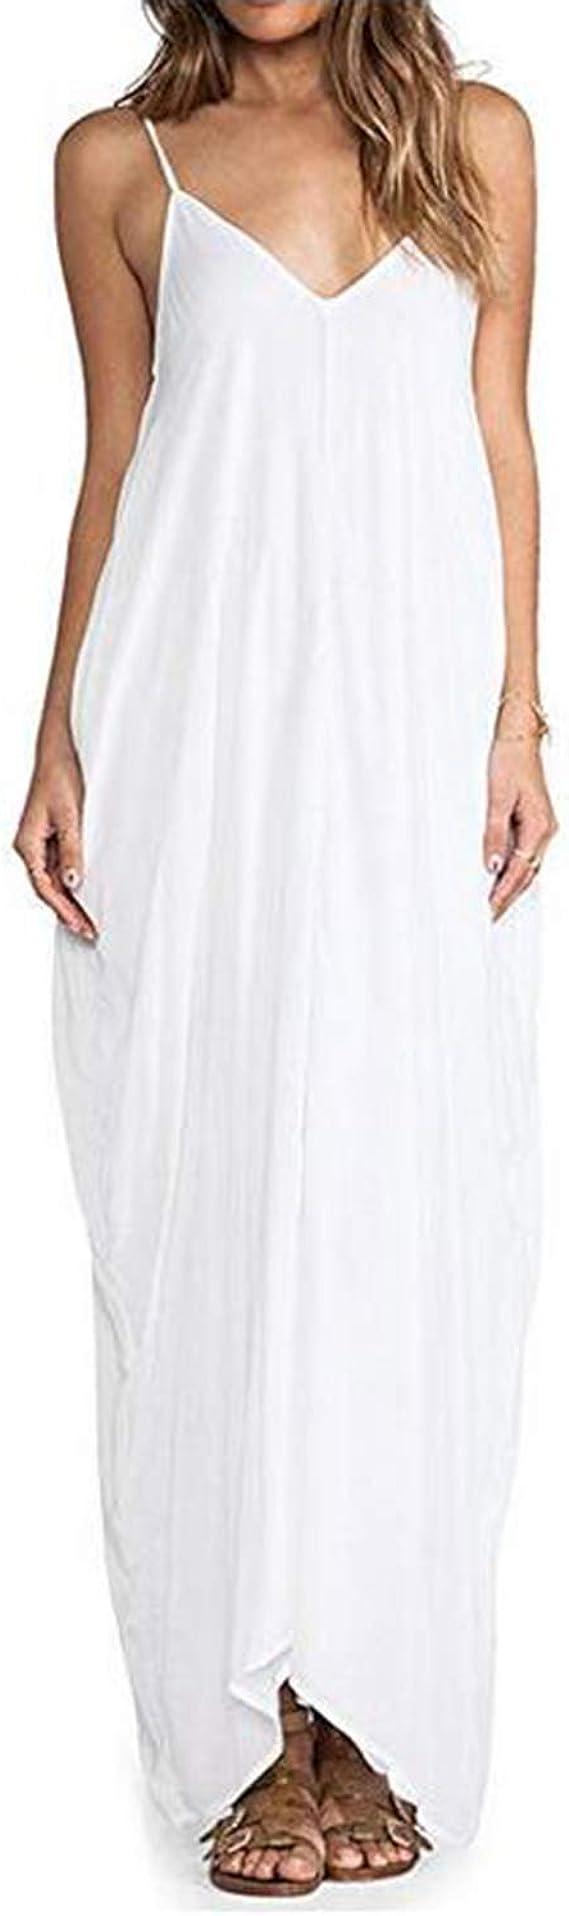 Mujeres Casual Elegante Punto Vestido Suelto Largo